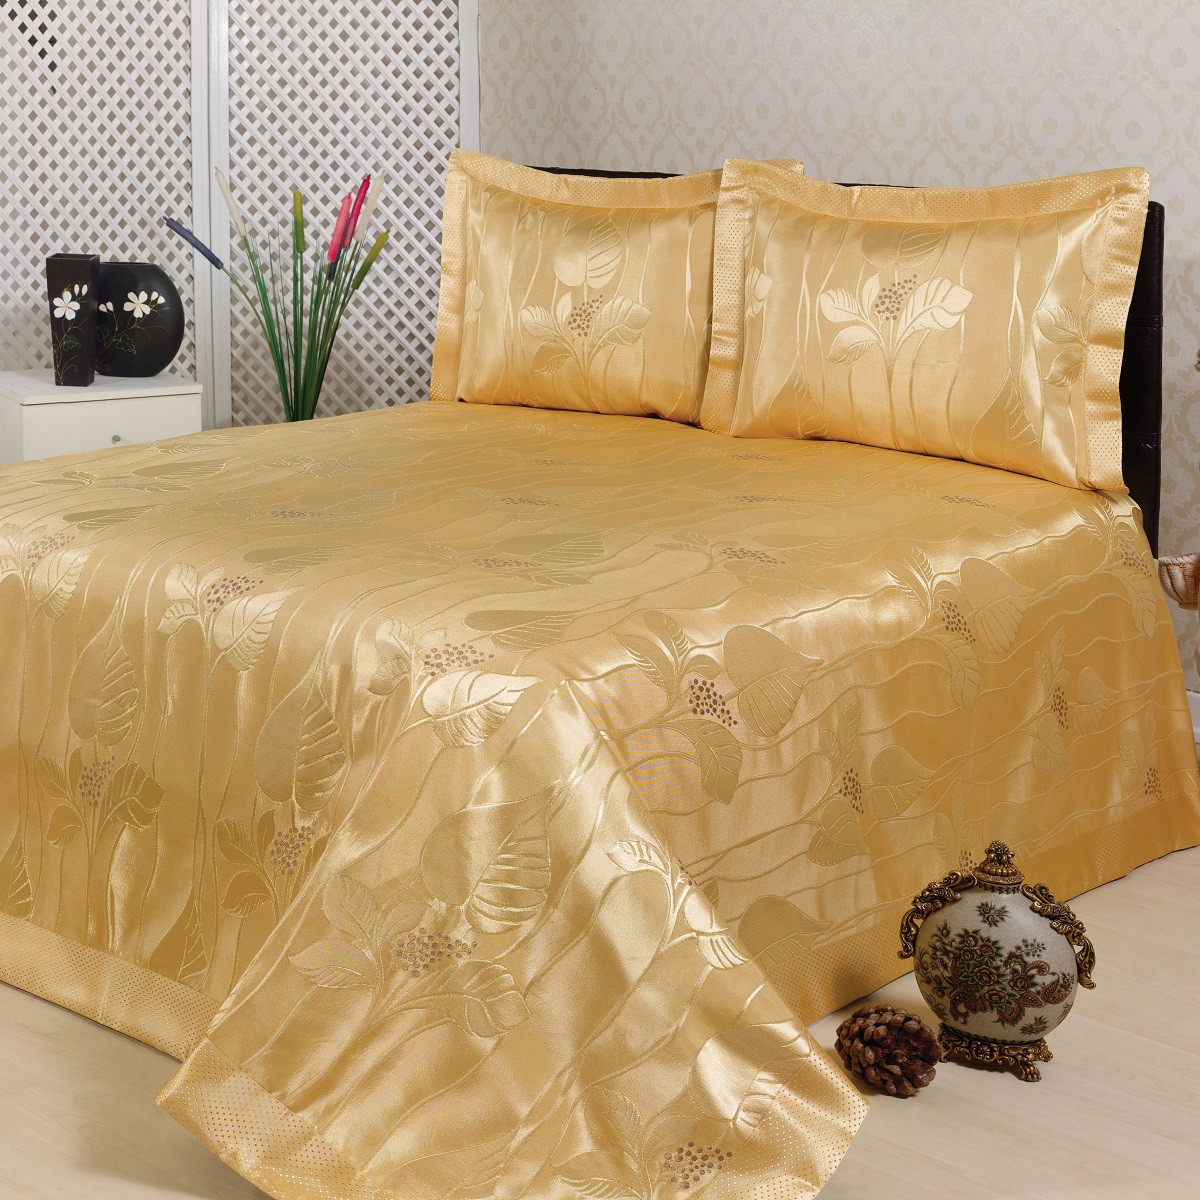 Комплект для спальни Karna Nazsu. Yaprak: покрывало 240 х 260 см, 2 наволочки 50 х 70 см, цвет: горчичныйBH-UN0502( R)Изысканный комплект Karna Nazsu. Yaprak прекрасно оформит интерьер спальни или гостиной. Комплект состоит из покрывала и двух наволочек. Изделия изготовлены из 50% хлопка и 50% полиэстера. Постельные комплекты Karna уникальны, так как они практичны и универсальны в использовании. Материал хорошо сохраняет окраску и форму. Изделия долговечны, надежны и легко стираются.Комплект Karna не только подарит тепло, но и гармонично впишется в интерьер вашего дома. Размер покрывала: 240 х 260 см.Размер наволочки: 50 х 70 см.